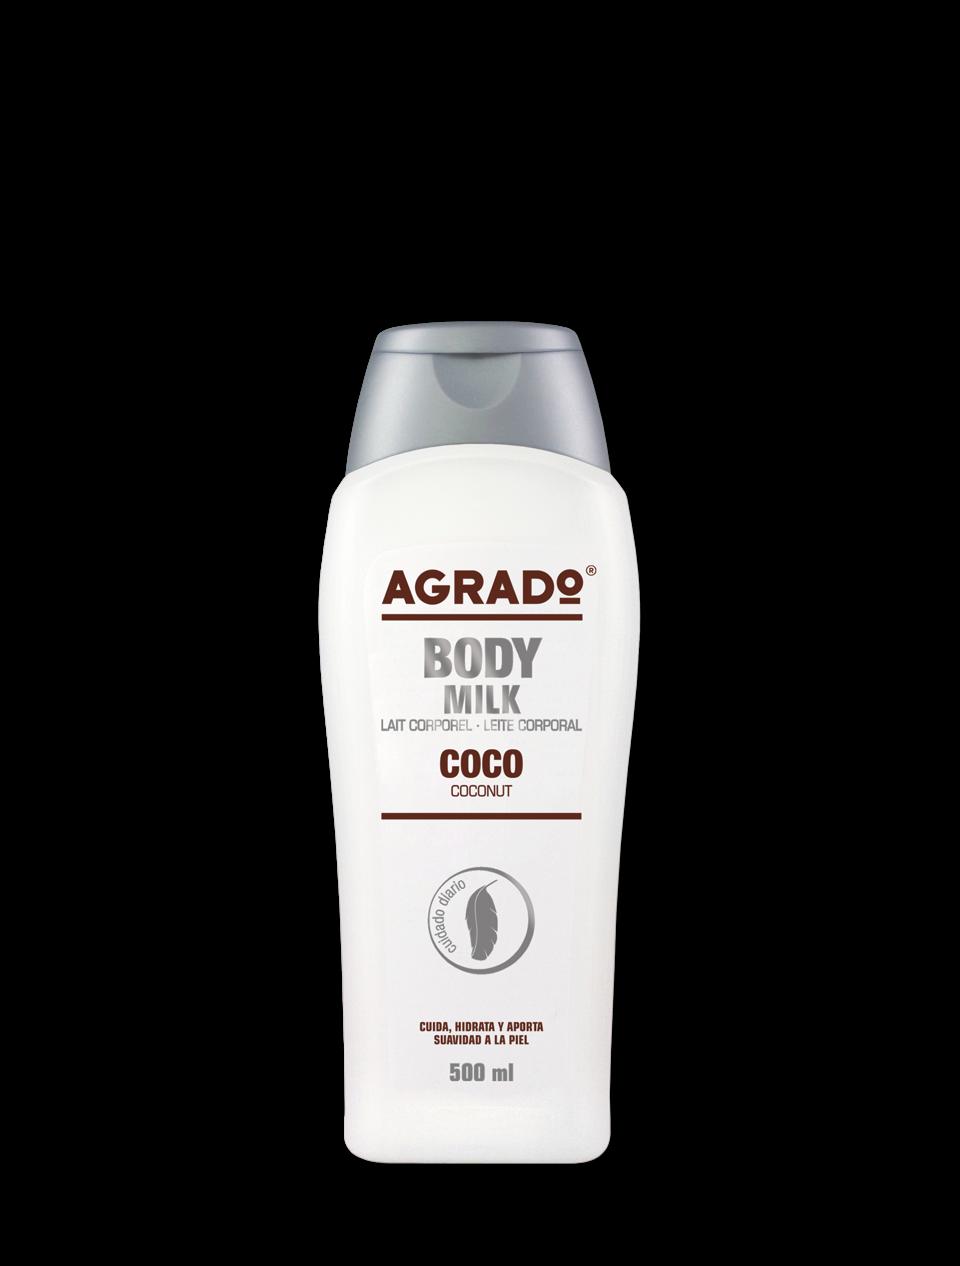 body-milk-coco-agrado-4836